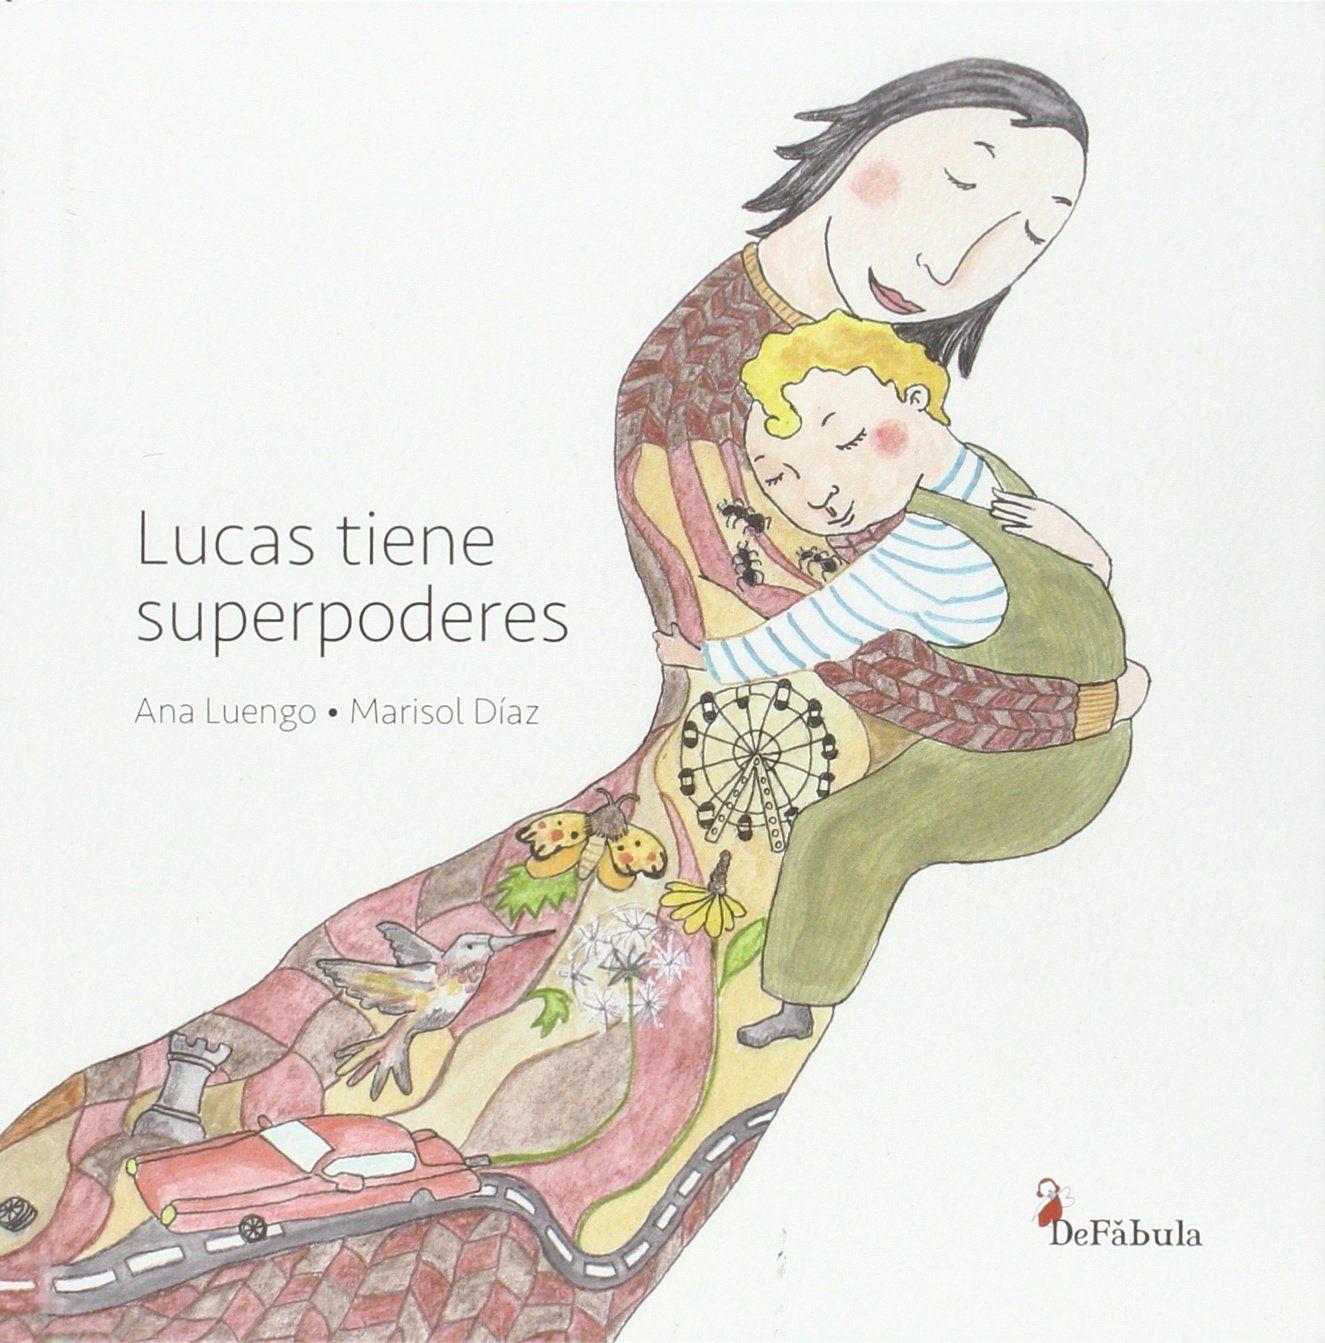 portada del cuento Lucas tiene superpoderes